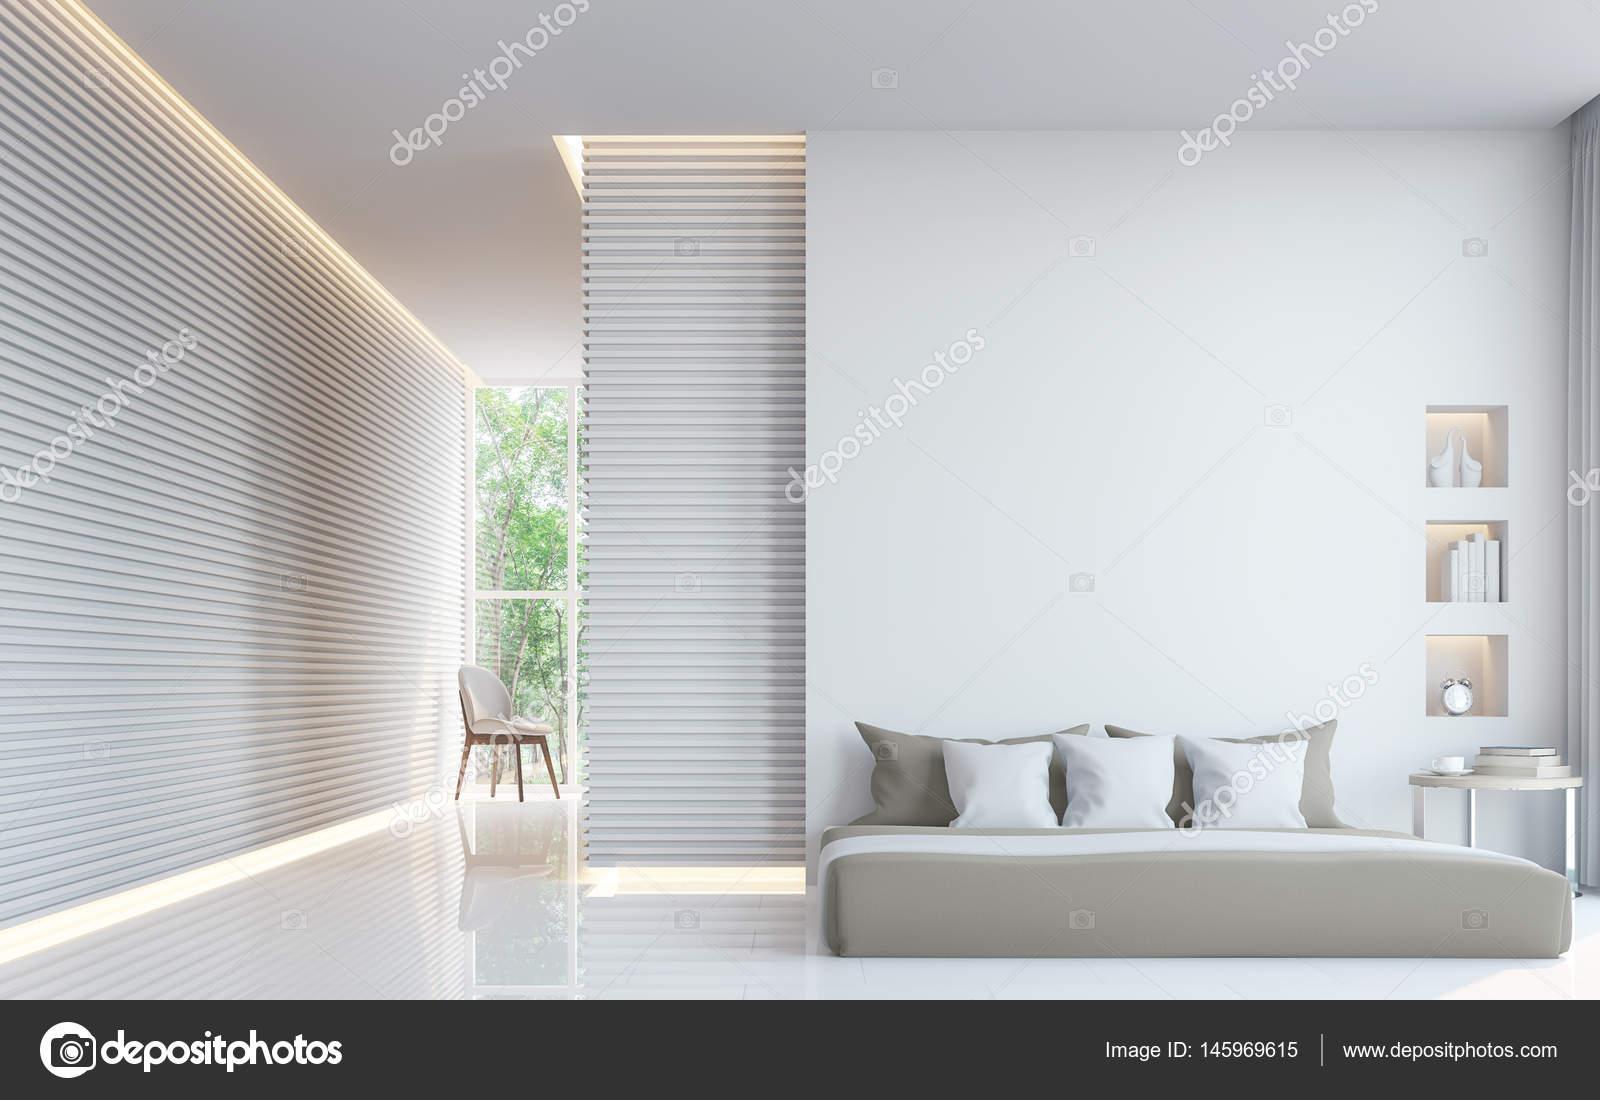 Moderne weiße Schlafzimmer interior 3d Render Bild — Stockfoto ...